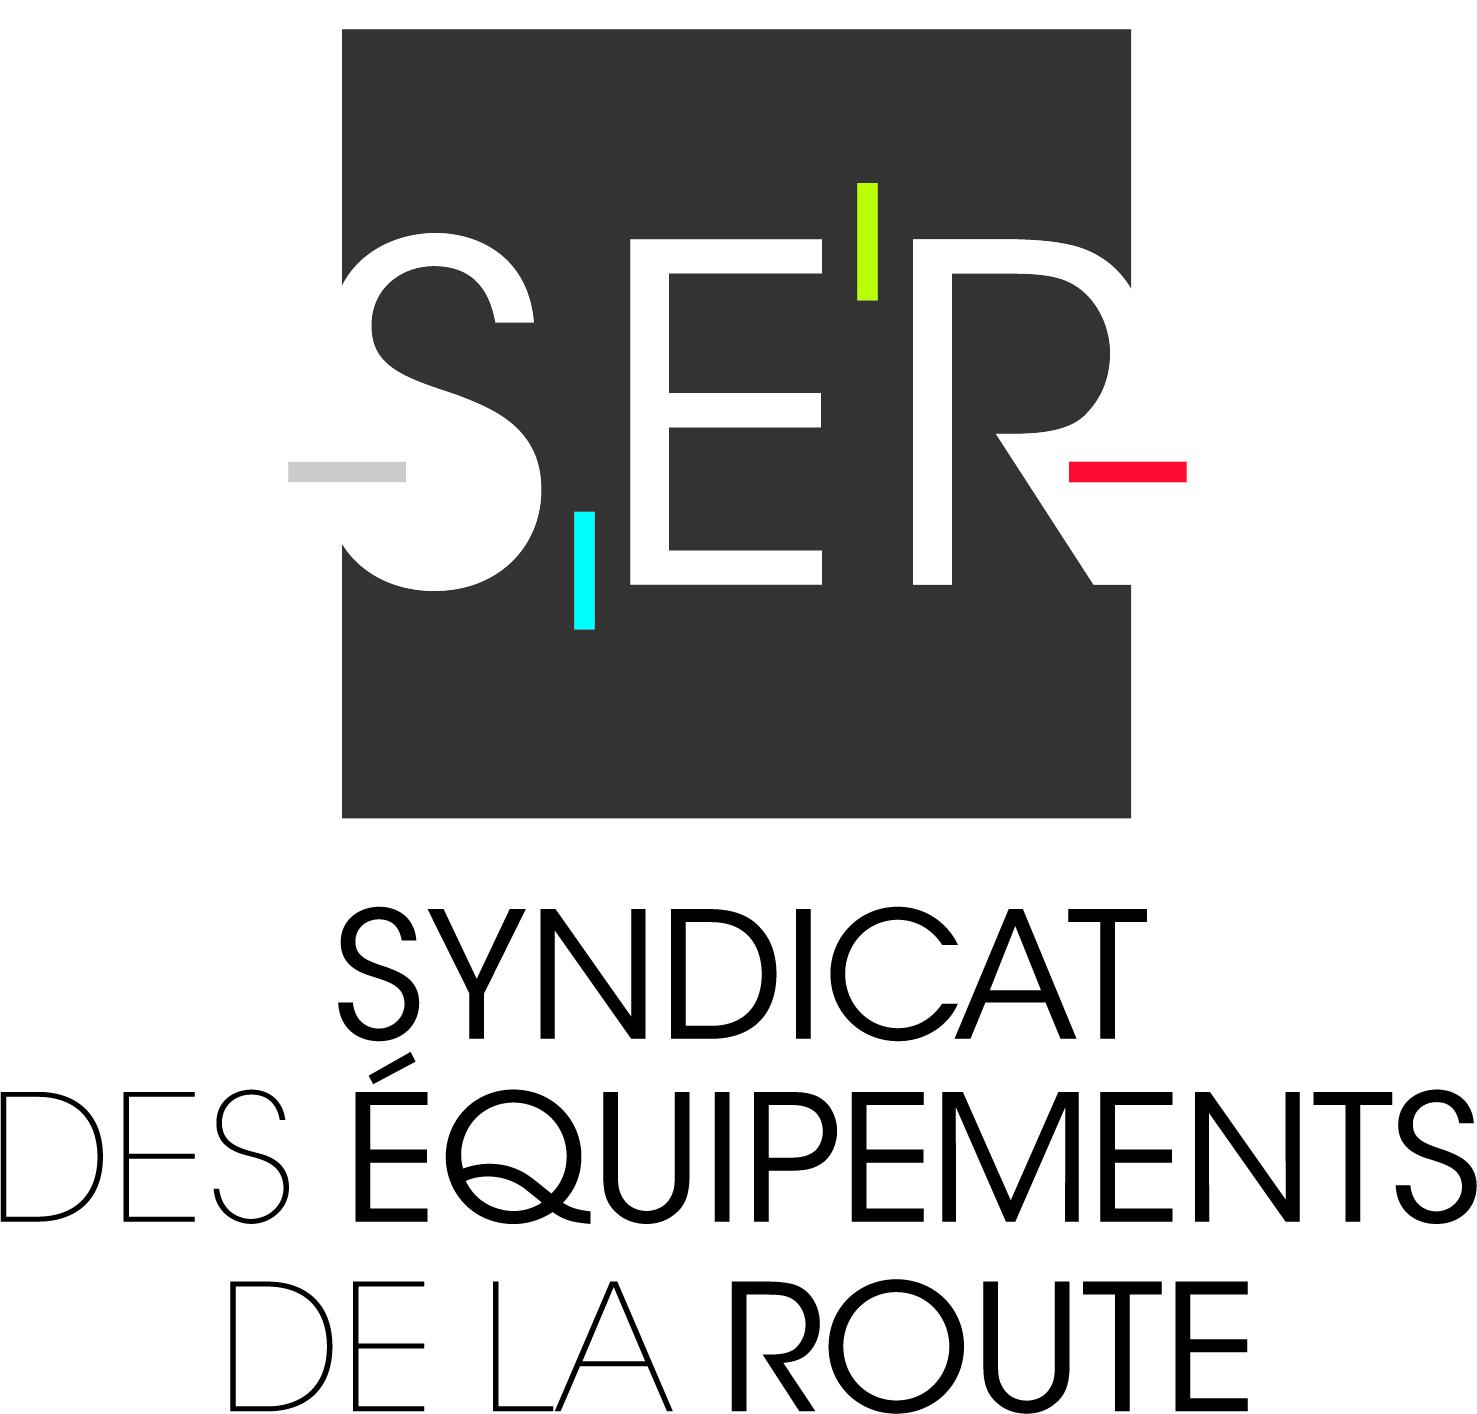 SER Syndicat des Equipements de la Route